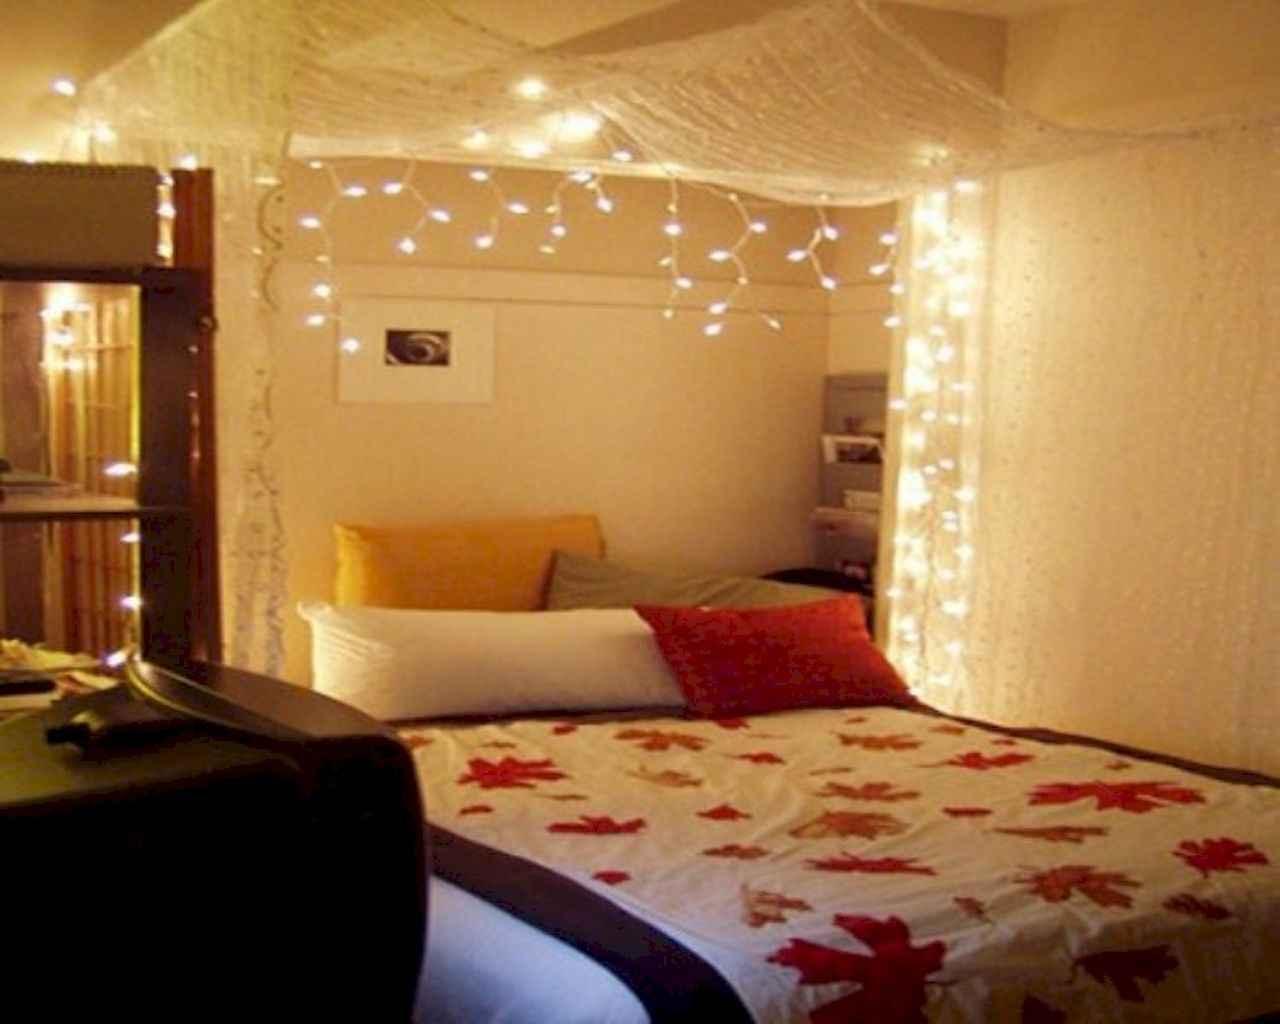 50 Romantic Valentine Bedroom Decor Ideas (41)